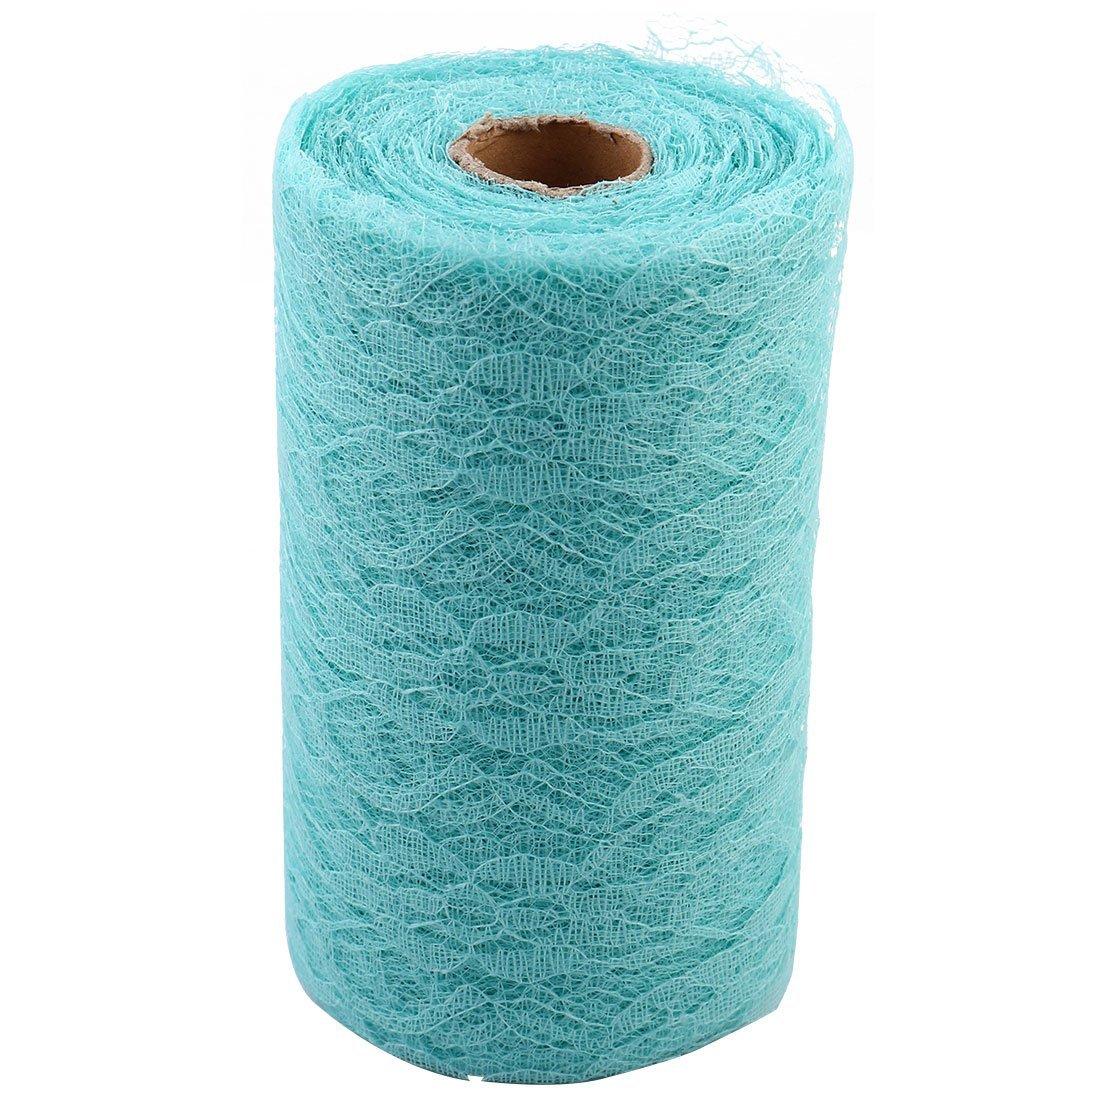 Amazon.com: eDealMax Vestido de Fiesta de la boda del cordón Silla de escritorio de la decoración de la artesanía de bricolaje Para Coser la Cinta Azul de ...